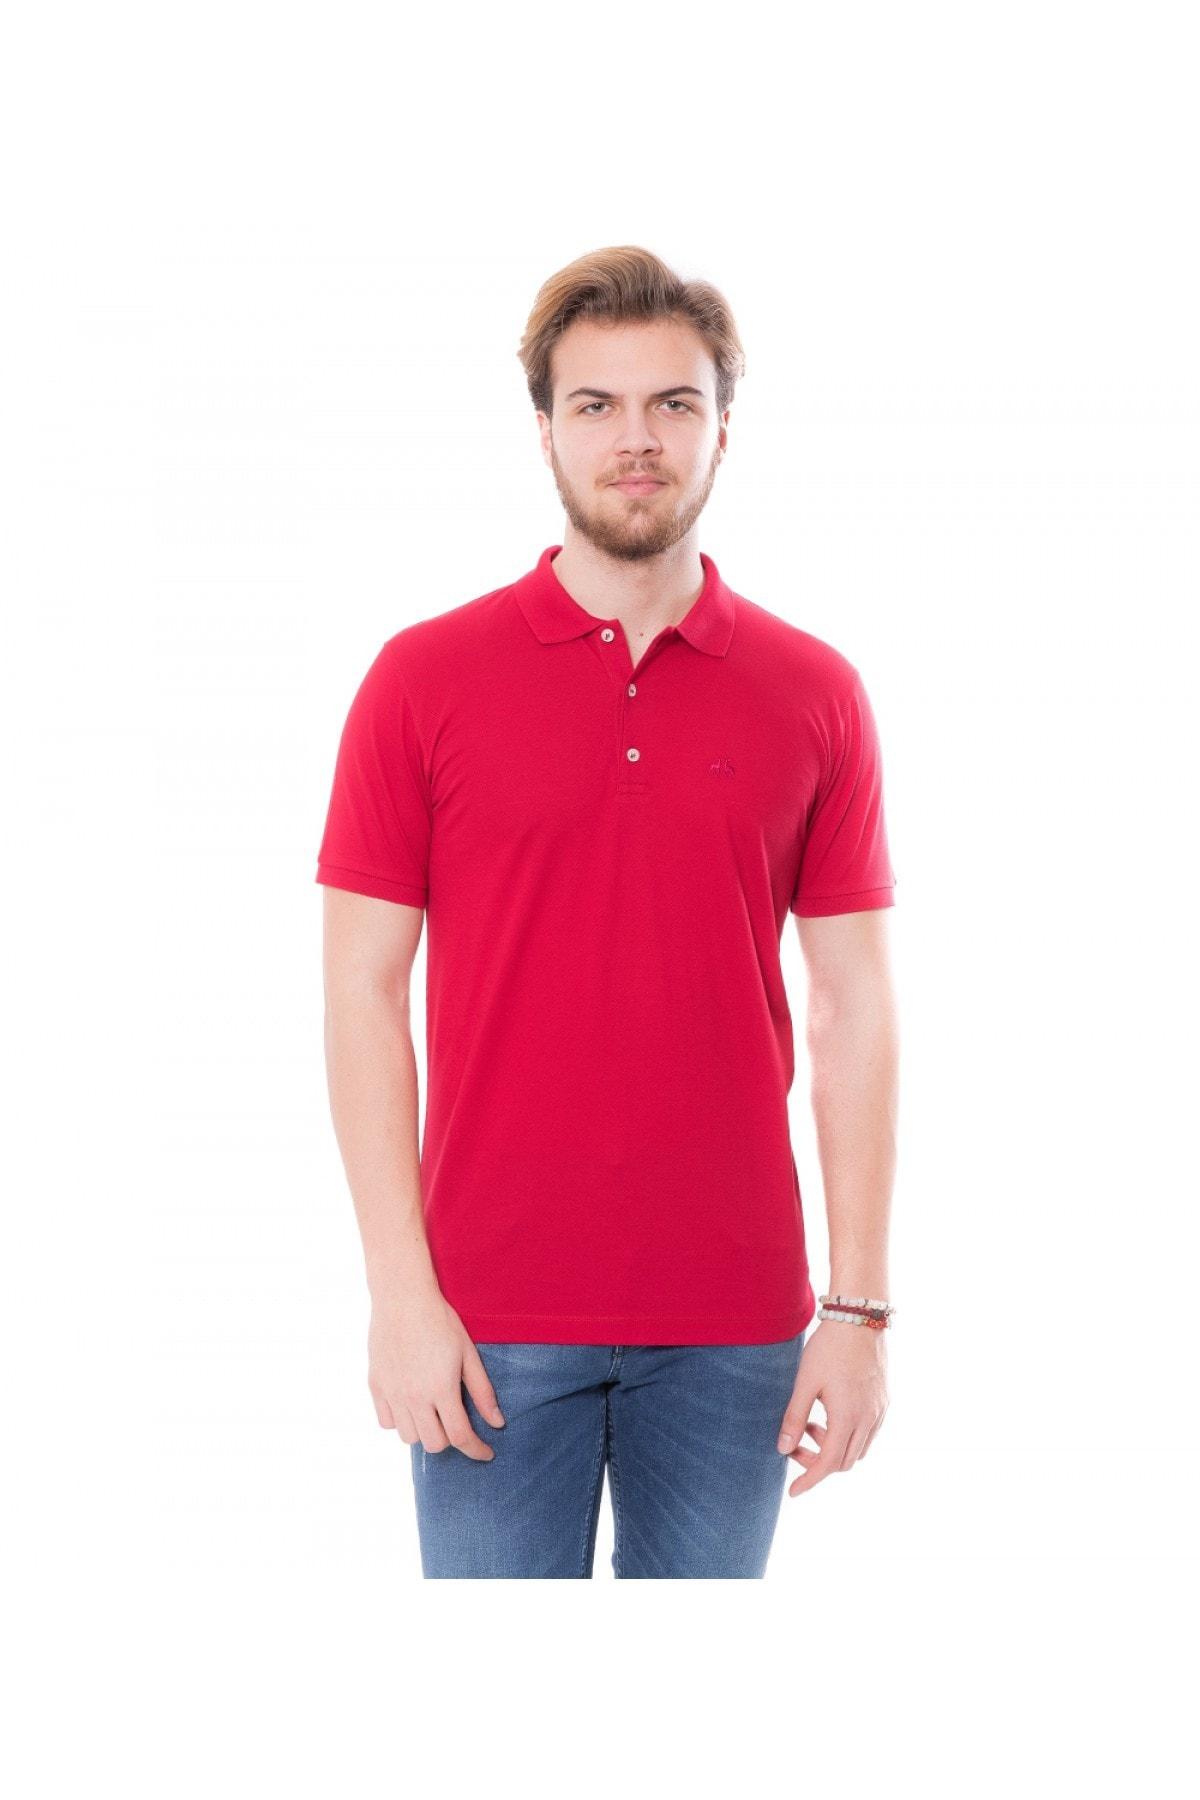 Karaca Erkek Slim Fit Pike T Shirt   Bordo